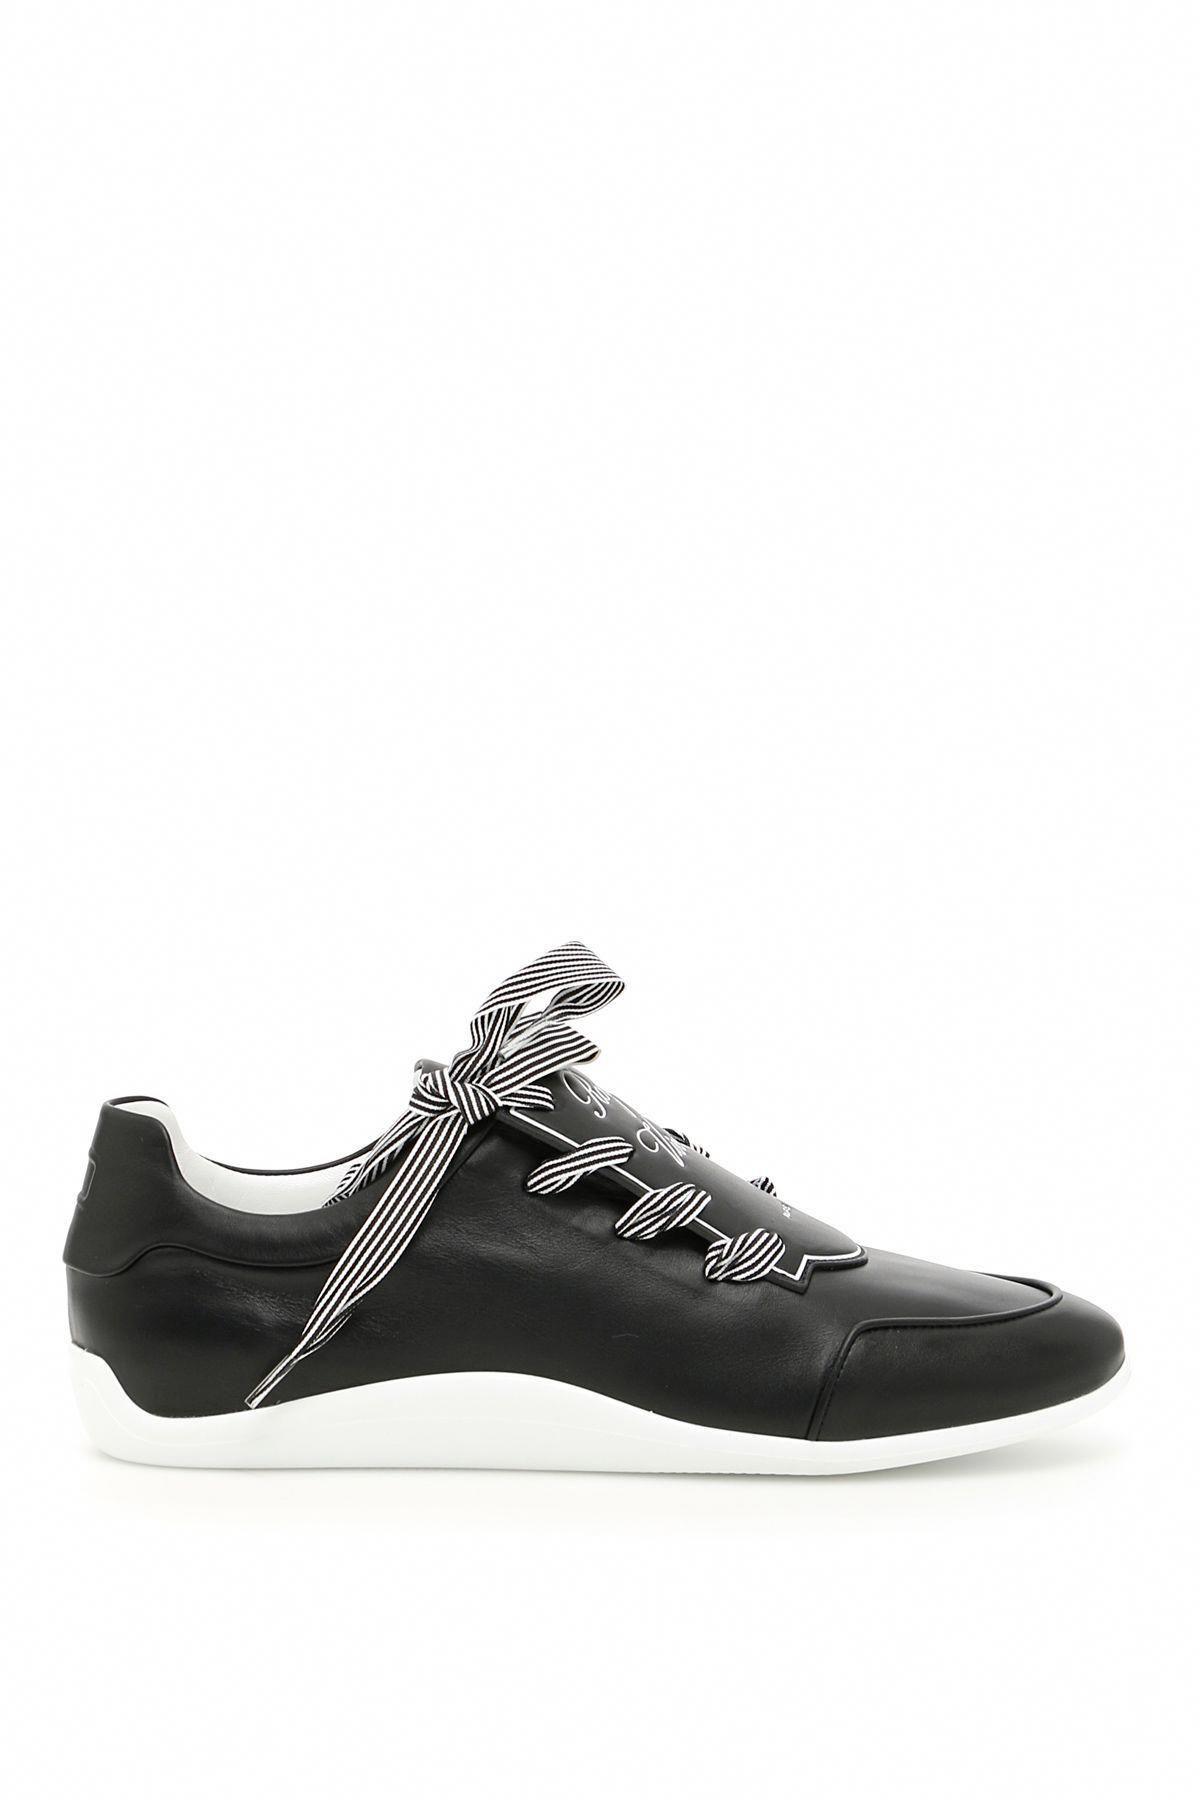 a6ac887a8aee ROGER VIVIER SPORTY VIV ETIQUETTE SNEAKERS.  rogervivier  shoes ...